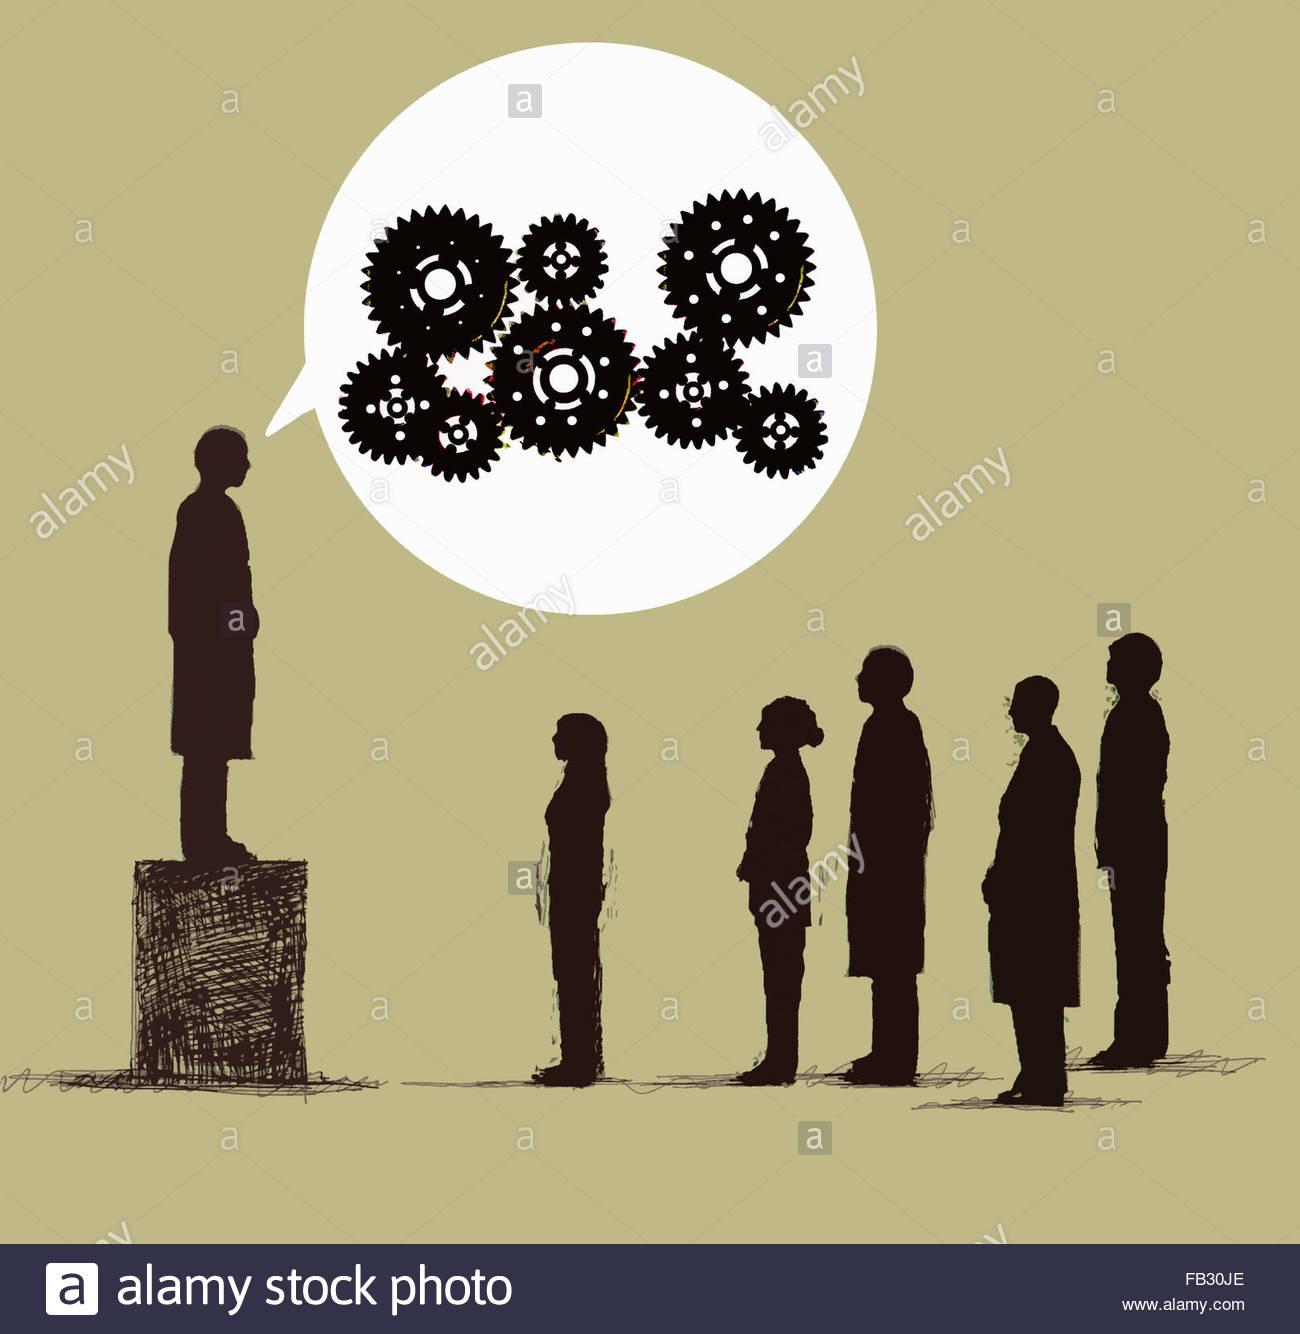 El hombre de la caja hablando a la audiencia con dientes en discurso de burbuja Imagen De Stock